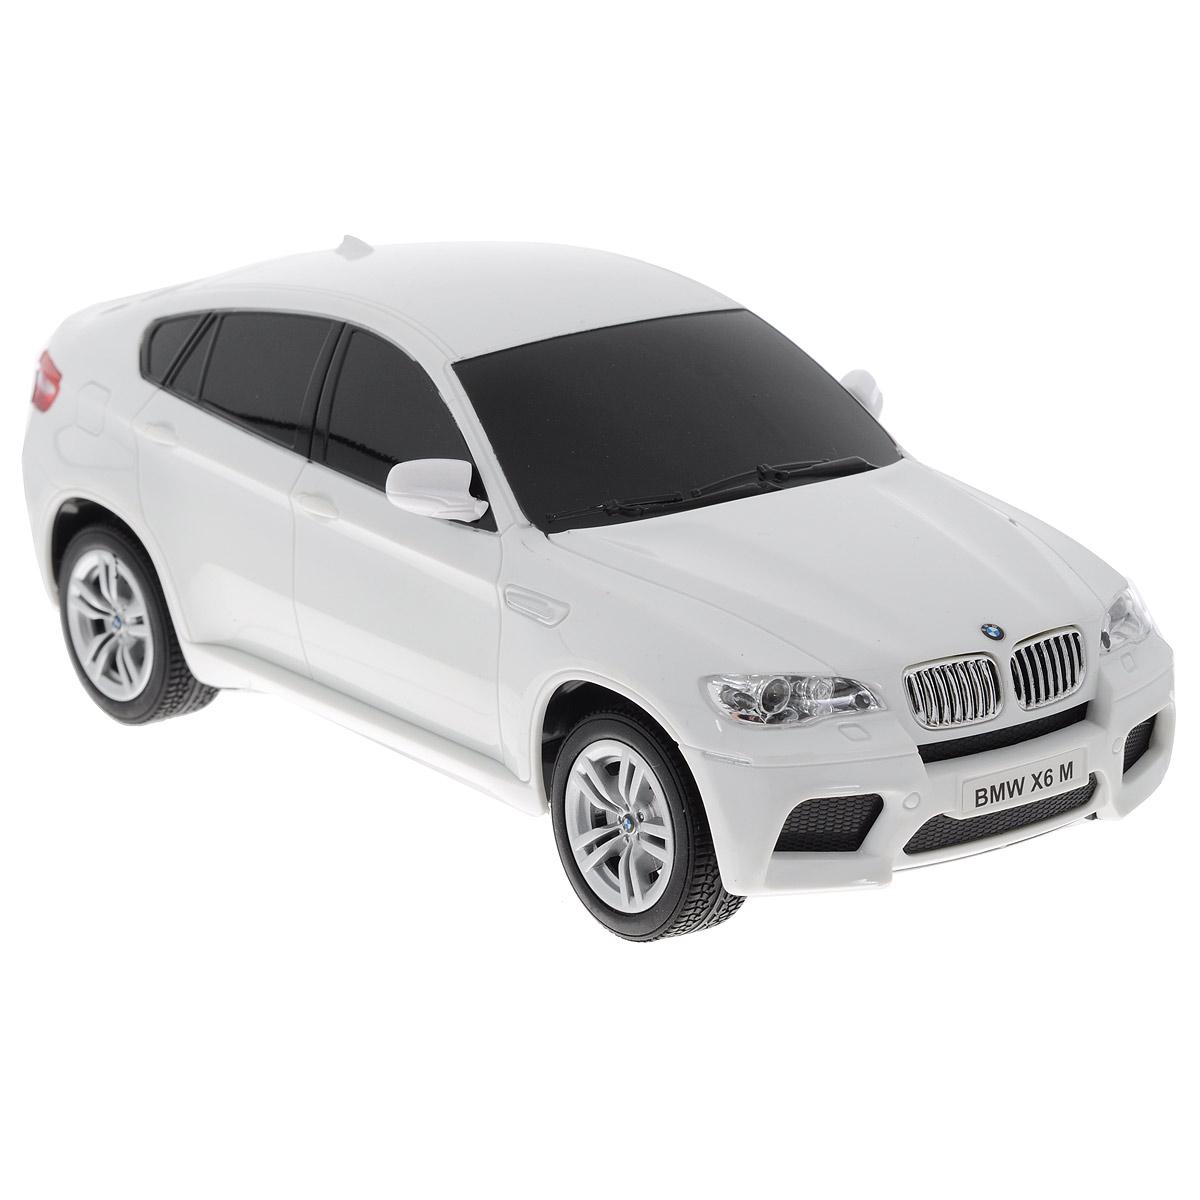 TopGear Радиоуправляемая модель BMW X6 цвет белый масштаб 1:24Т56674_белыйВсе мальчишки любят мощные крутые тачки! Особенно если это дорогие машины известной марки, которые, проезжая по улице, обращают на себя восторженные взгляды пешеходов. Радиоуправляемая модель TopGear BMW X5 - это детальная копия существующего автомобиля в масштабе 1:24. Машинка изготовлена из прочного легкого пластика; колеса прорезинены. При движении передние и задние фары машины светятся. При помощи пульта управления автомобиль может перемещаться вперед, дает задний ход, поворачивает влево и вправо, останавливается. Встроенные амортизаторы обеспечивают комфортное движение. В комплект входят машинка, пульт управления, зарядное устройство (время зарядки составляет 4-5 часов), аккумулятор и 2 батарейки. Автомобиль отличается потрясающей маневренностью и динамикой. Ваш ребенок часами будет играть с моделью, устраивая захватывающие гонки. Машина работает от аккумулятора 500 mAh напряжением 3,6V (входит в комплект). Пульт управления работает от 2...